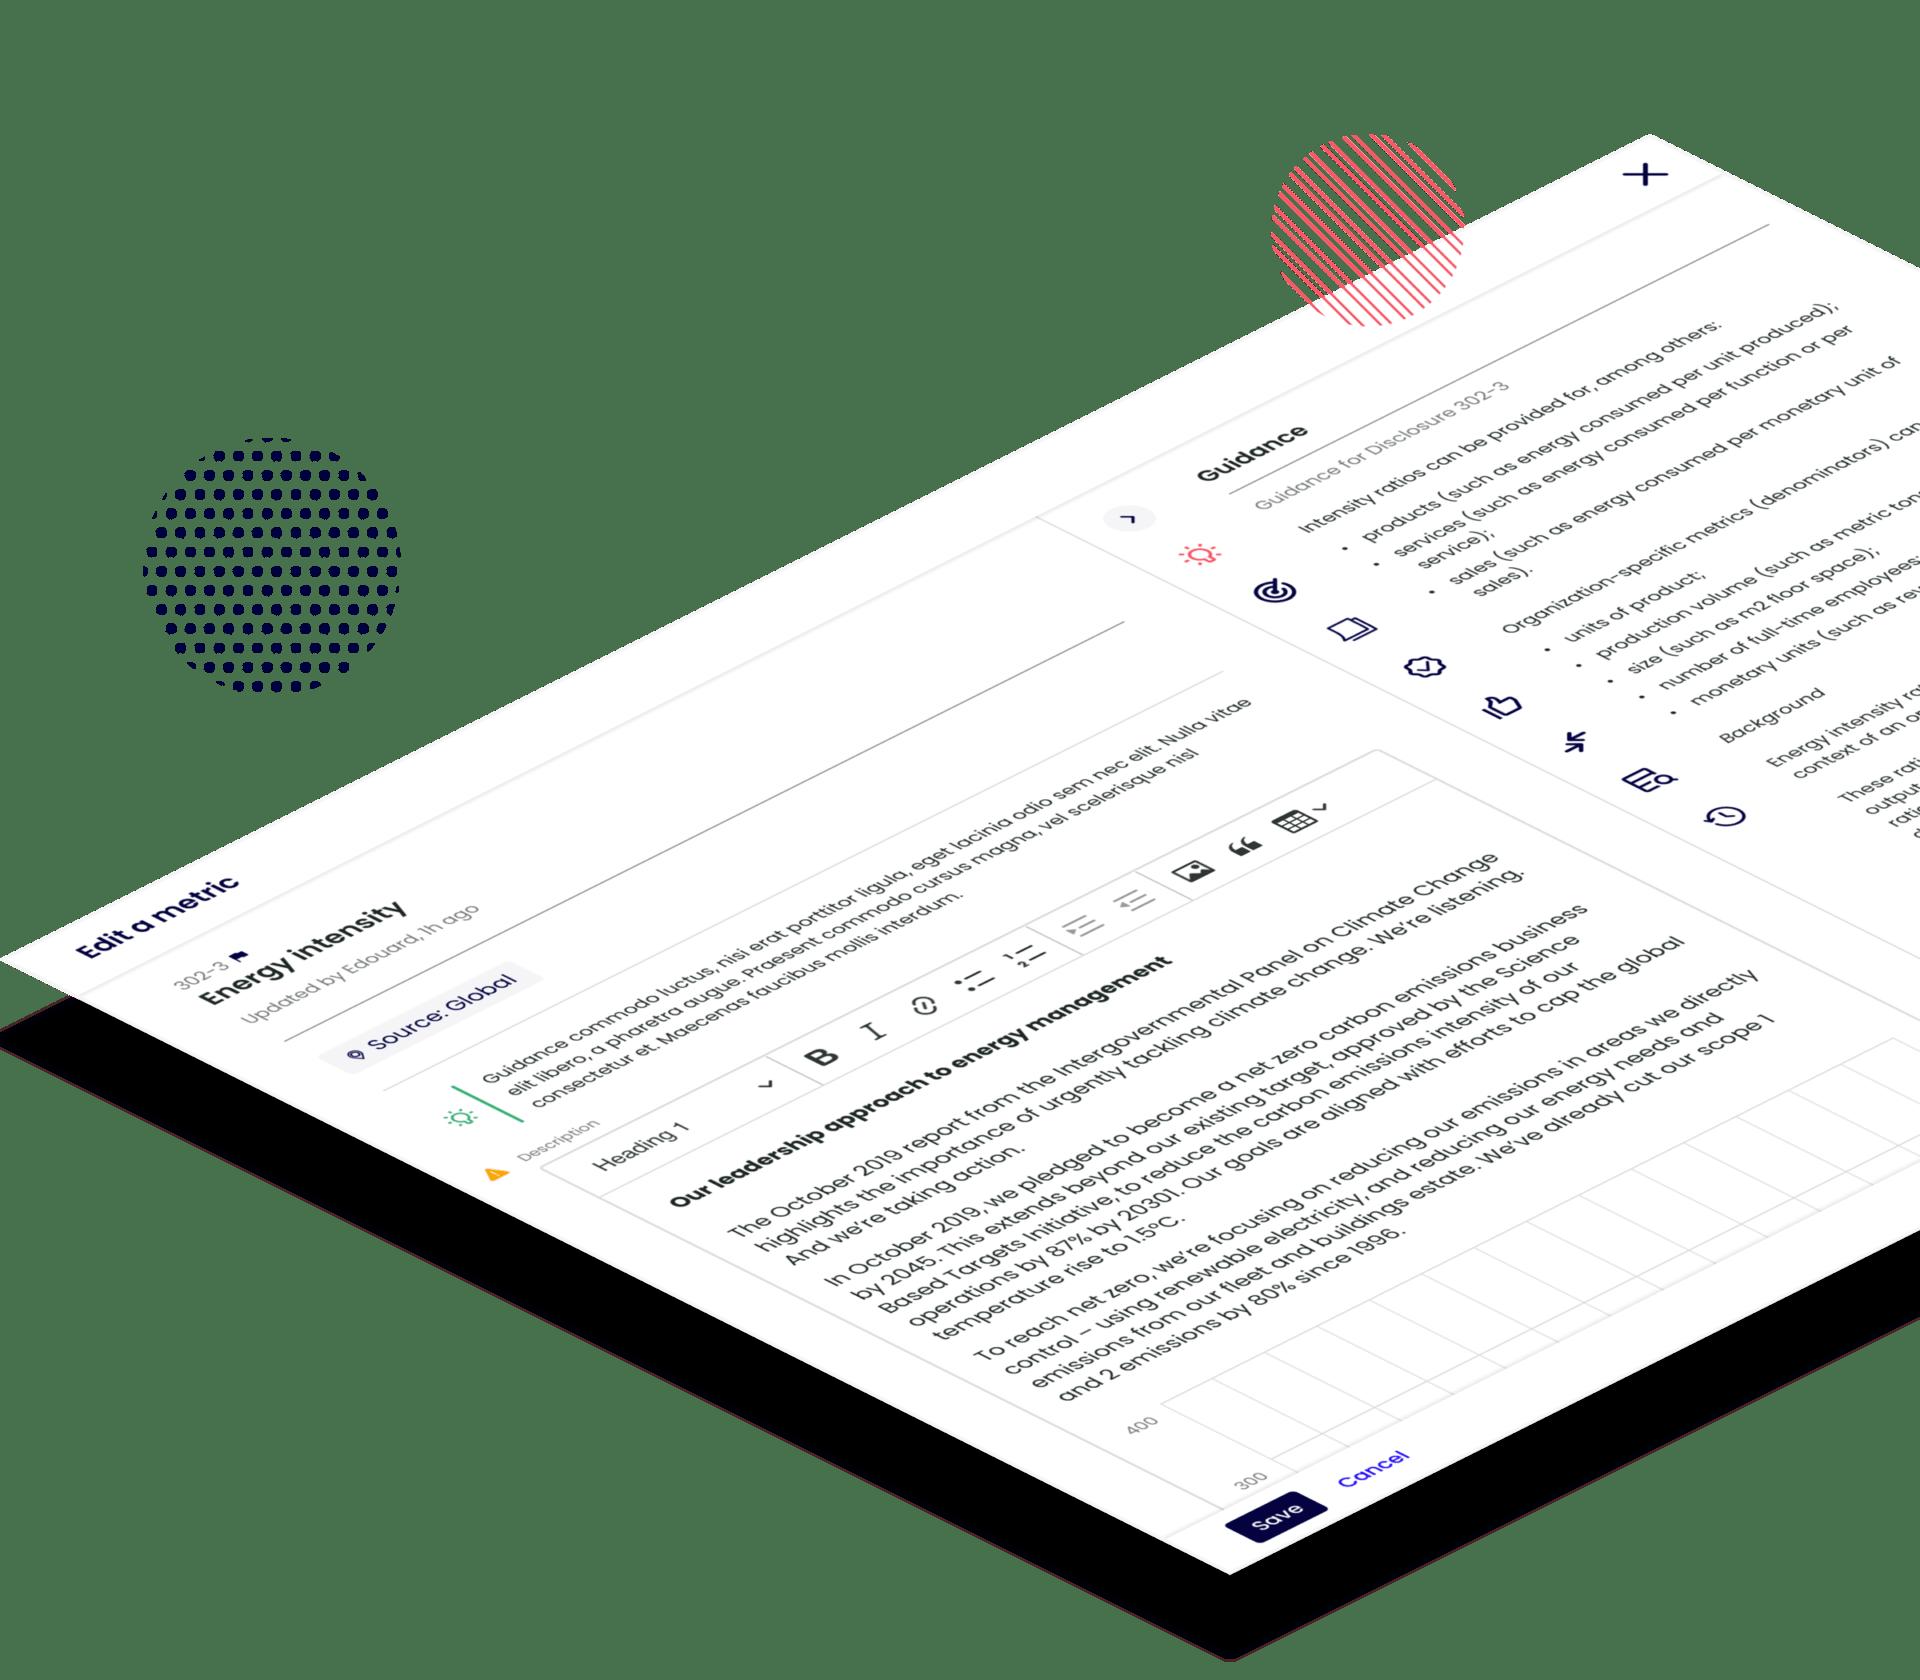 Novisto ESG frameworks and surveys